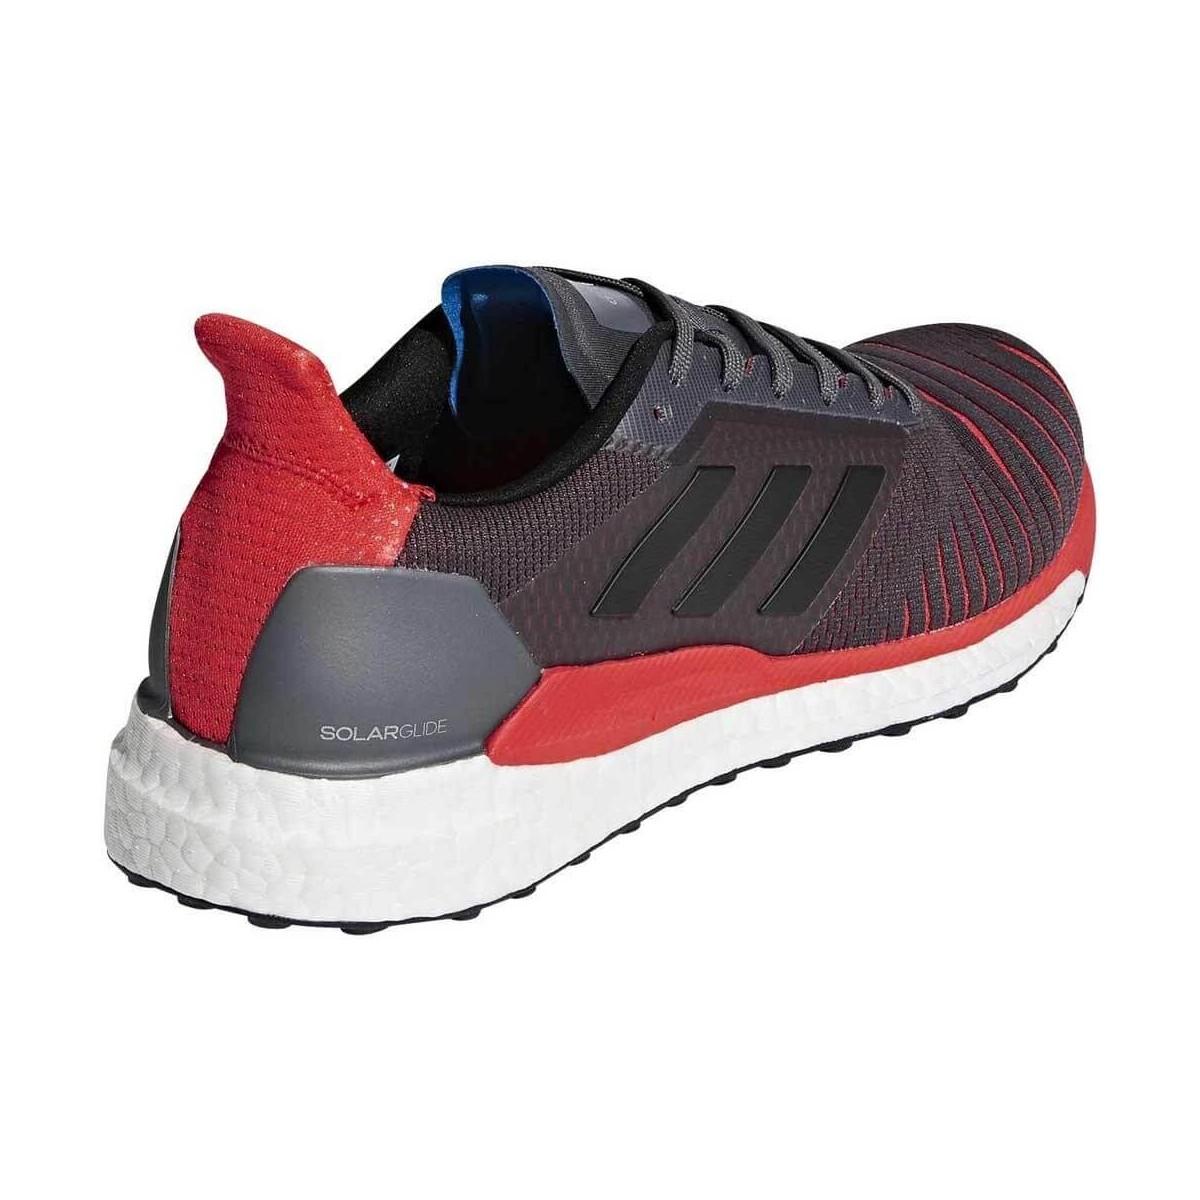 classic fit 273ec 7b47d ... Adidas Solar Glide OI18 Gris Rojo Hombre ...